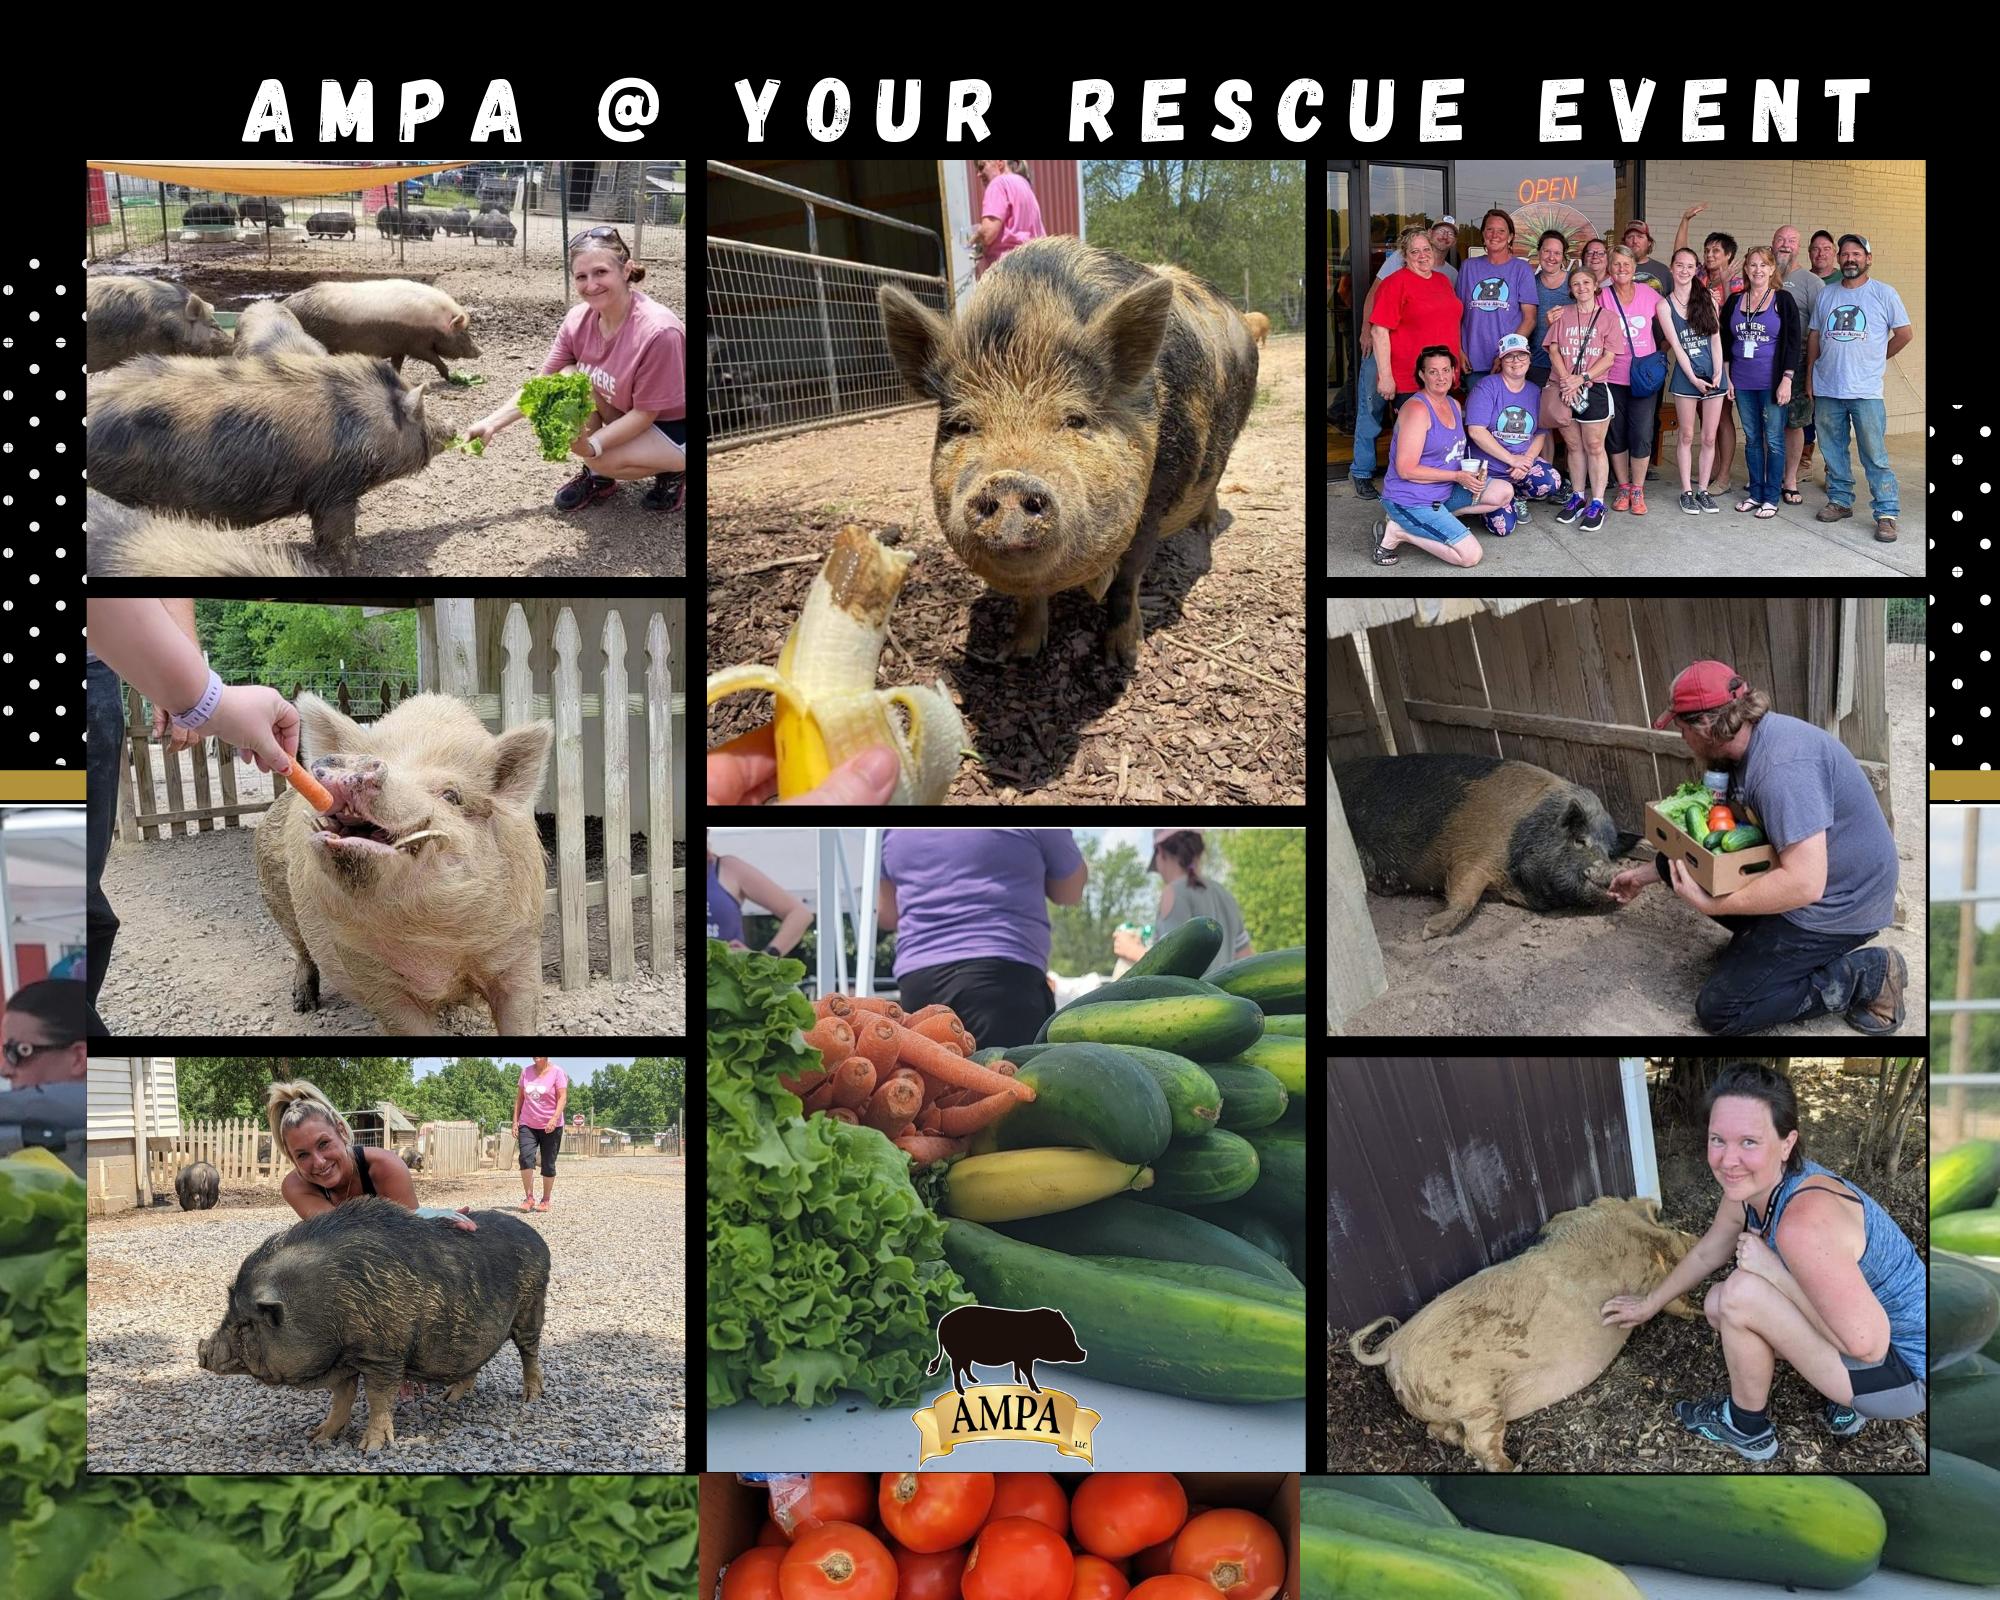 ampa rescue event